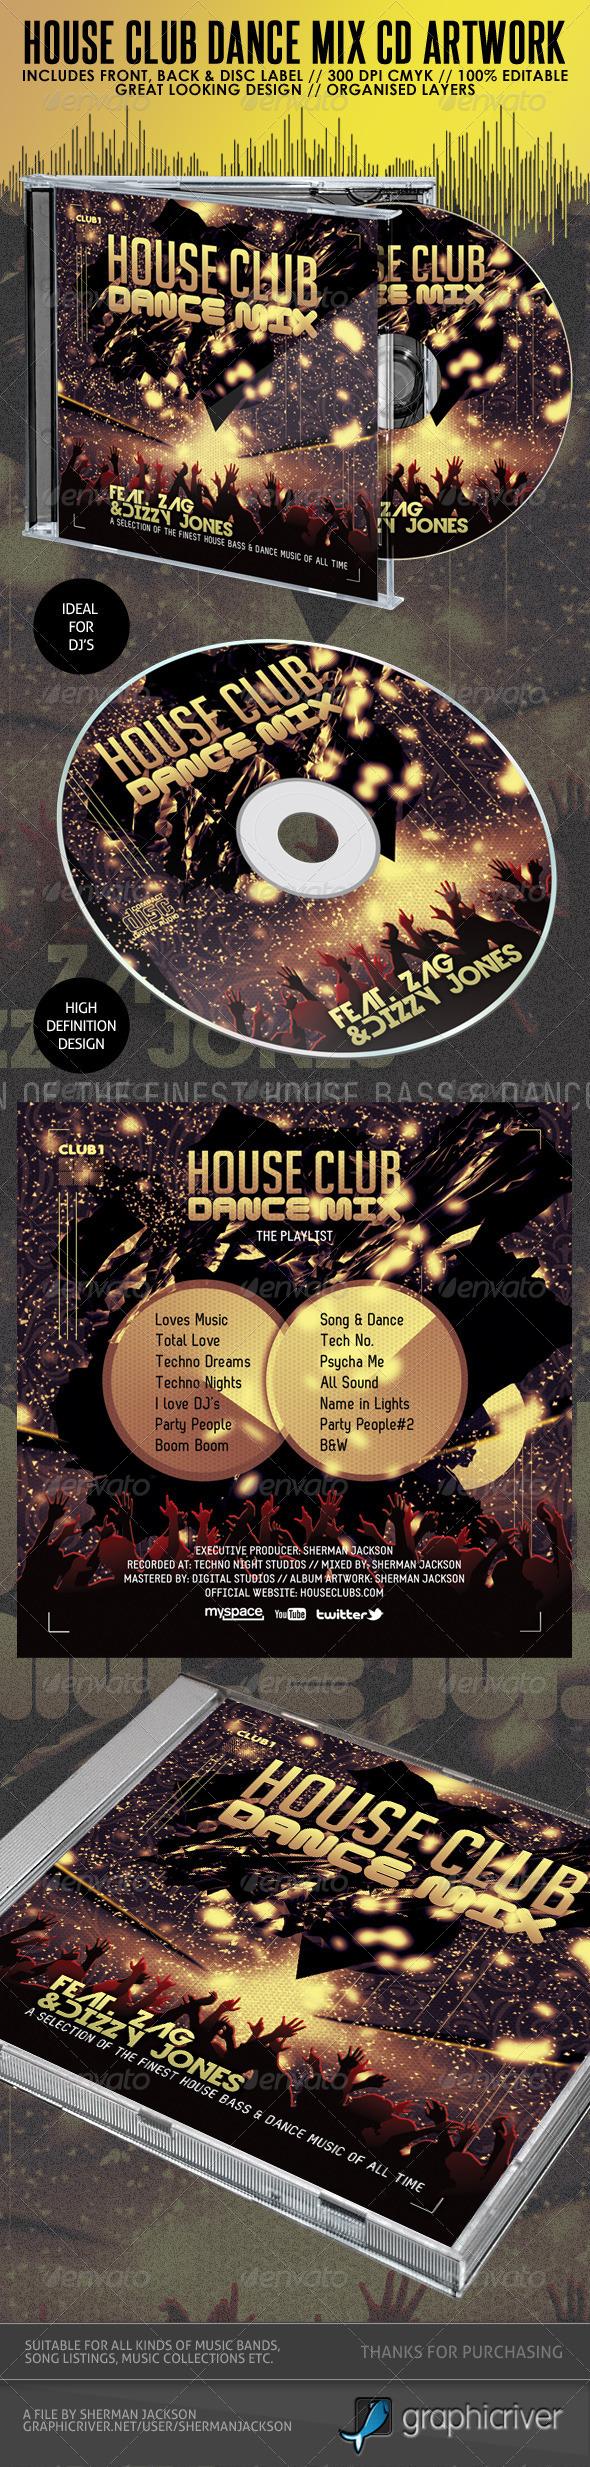 GraphicRiver House Club & Dance Mix CD Album Artwork 4292713